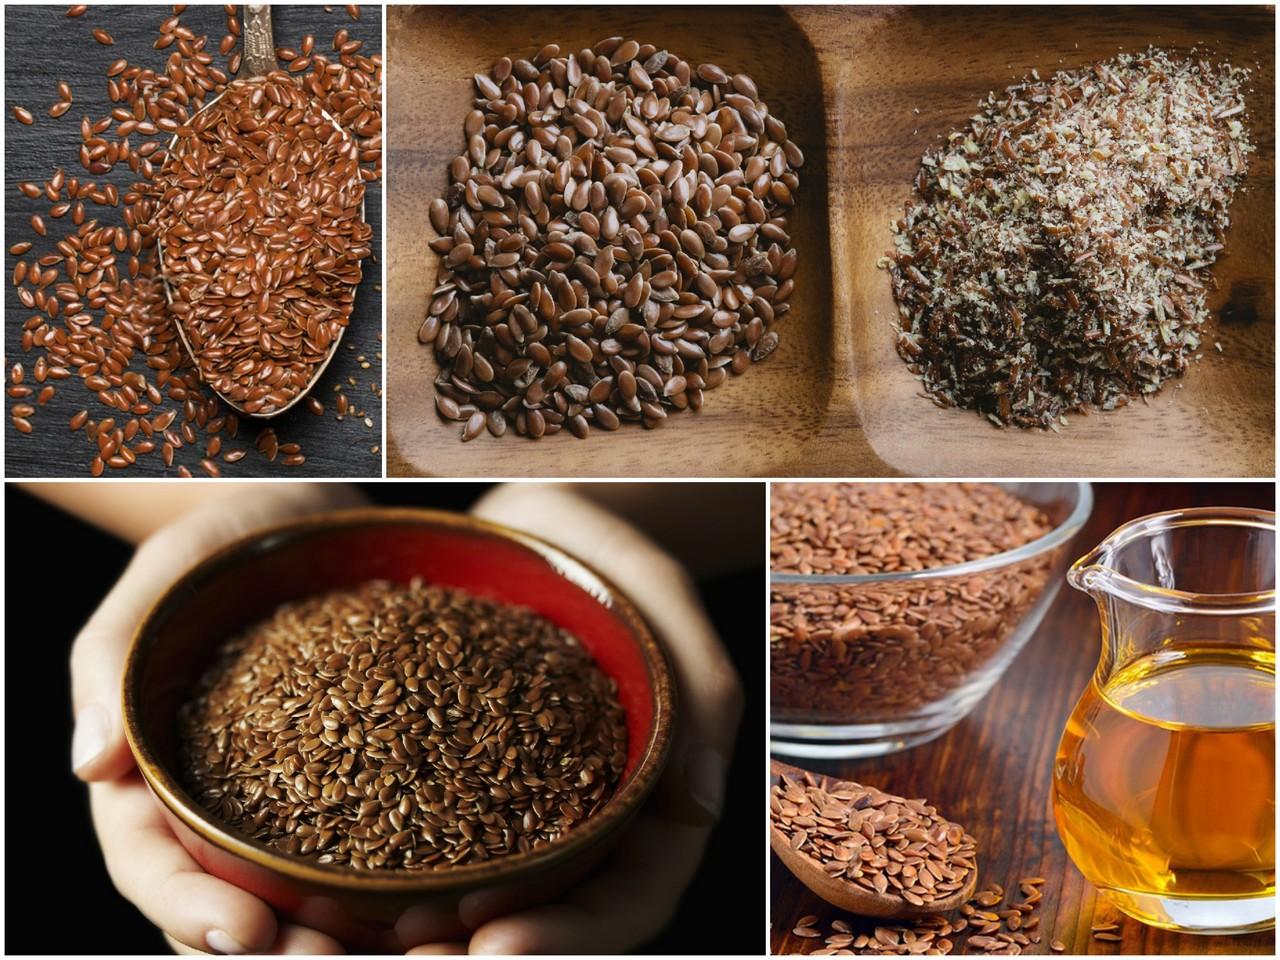 Как сделать употребление семян льна не только полезным, но и приятным